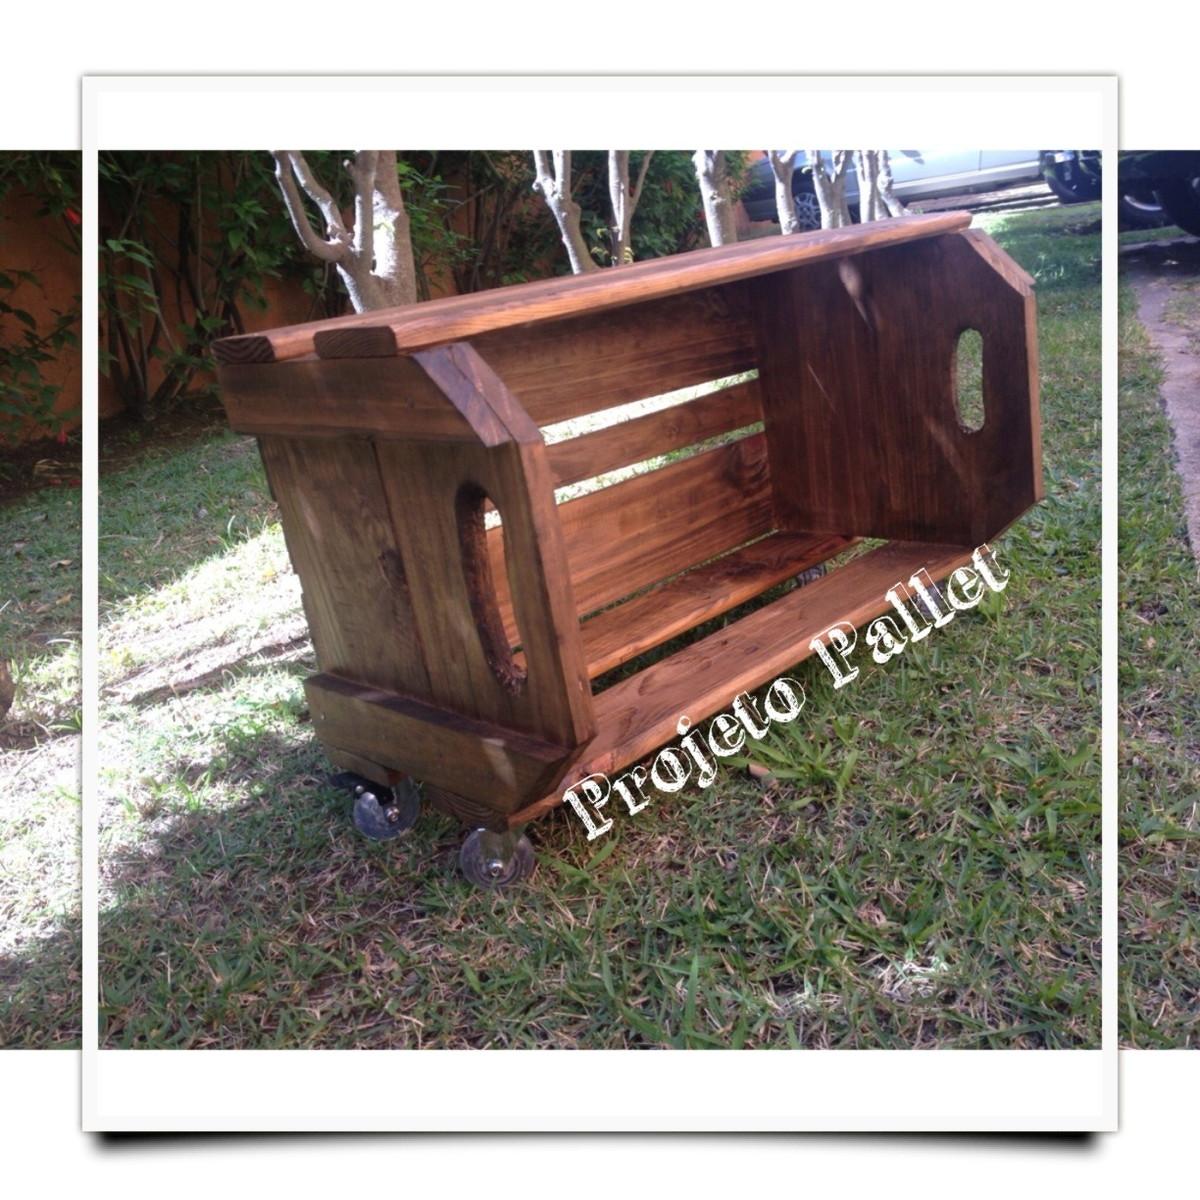 caixote de madeira com rodizios caixote de madeira com rodizios #8B4D40 1200x1200